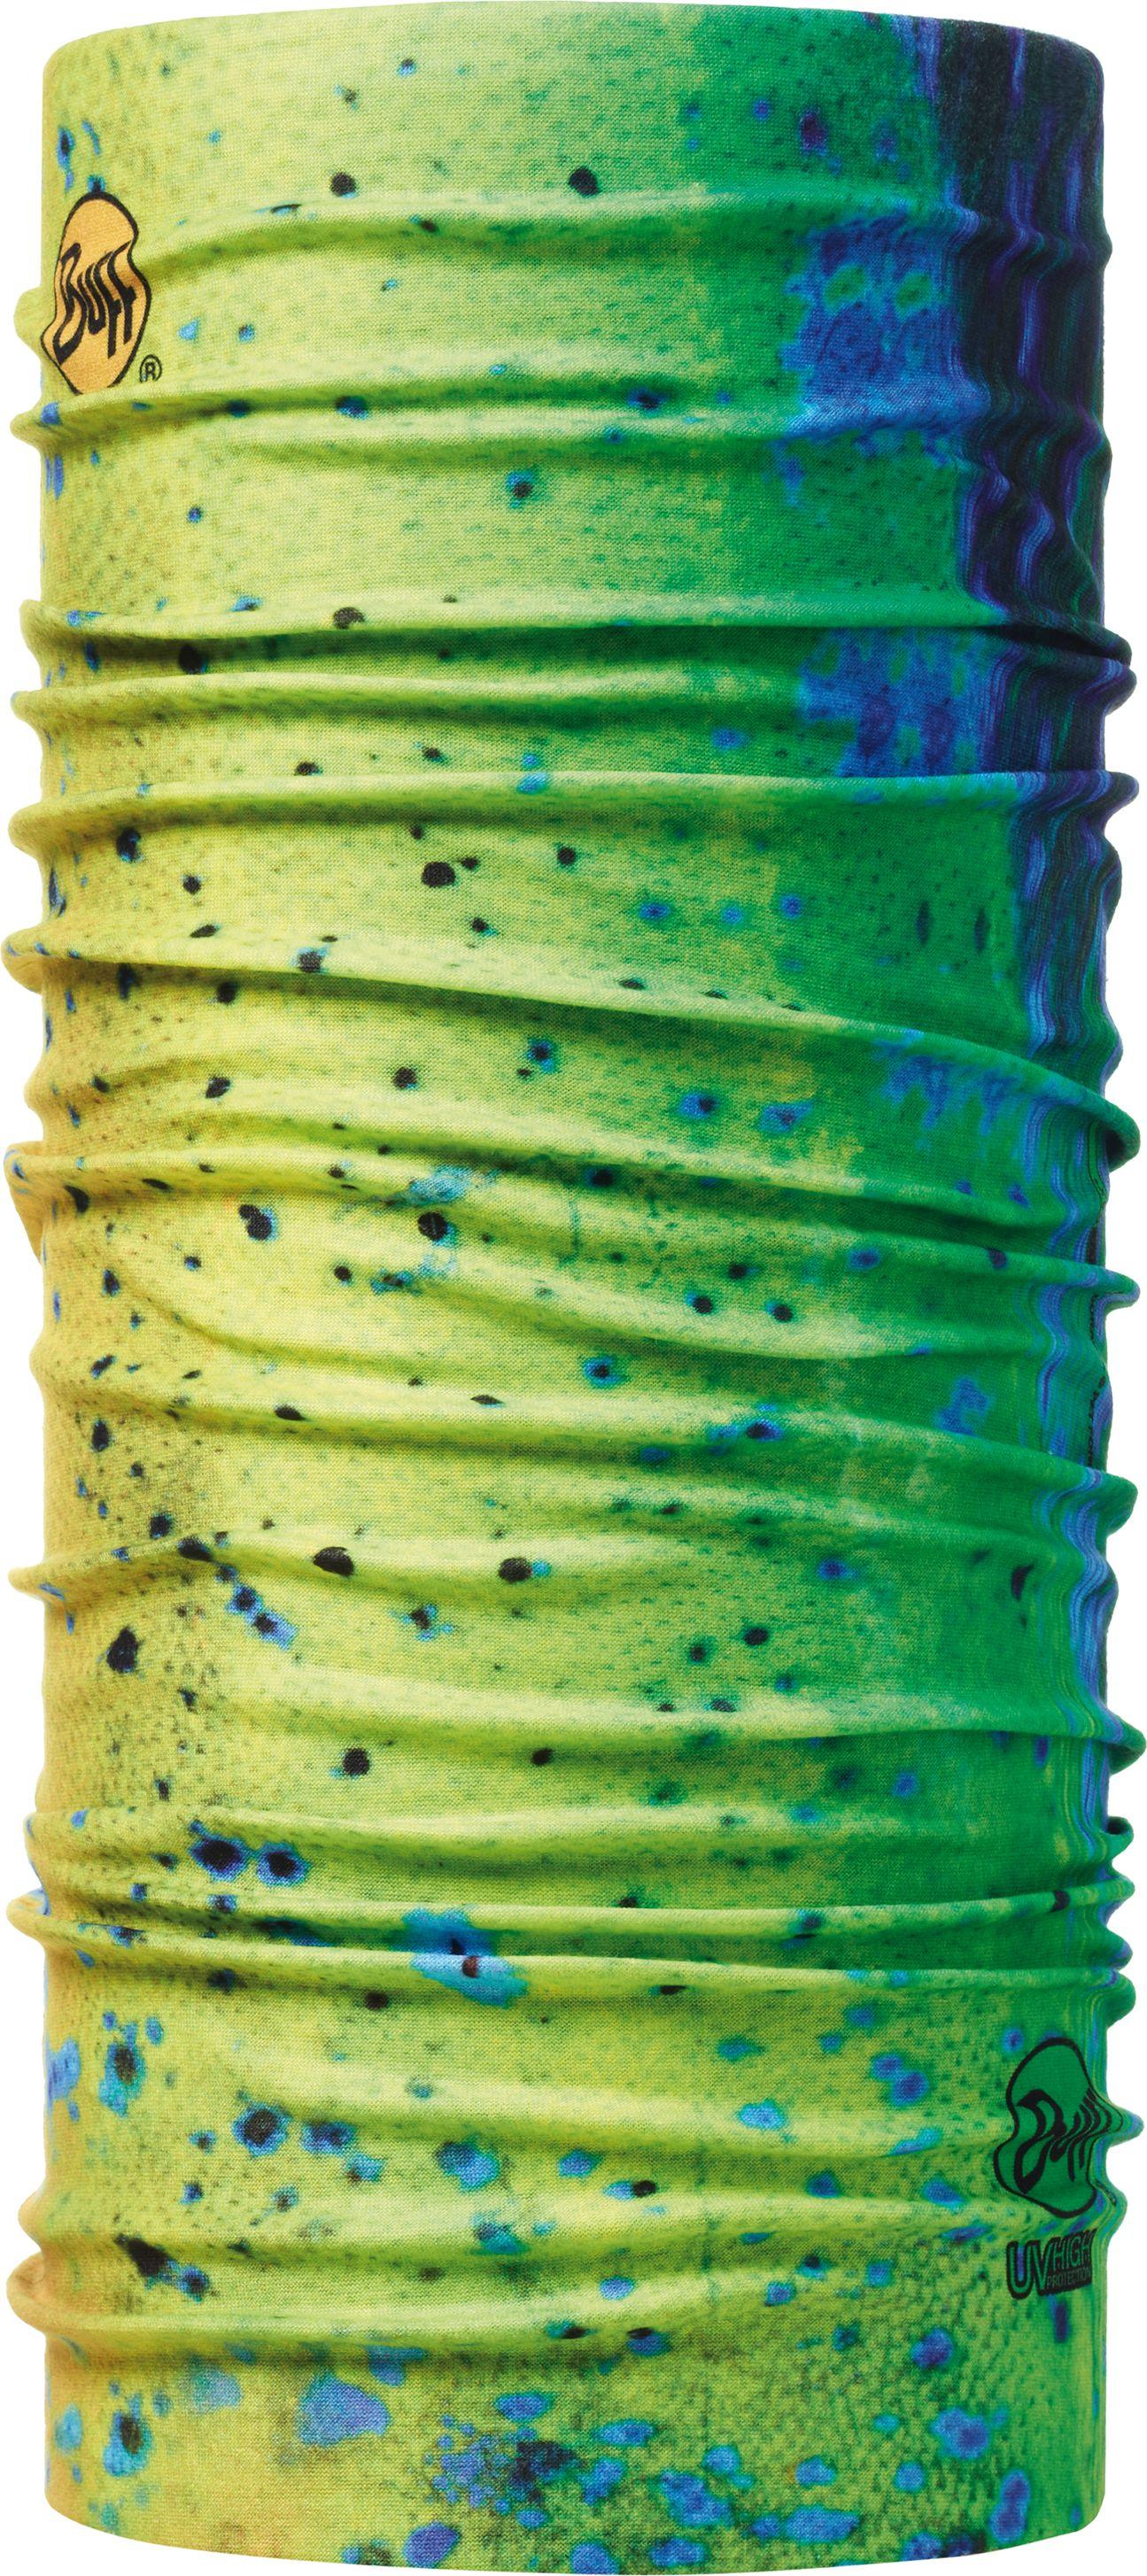 Бандана Buff UV Protection Dorado, цвет: желтый,синий. 100167.00. Размер универсальный100167.00Бандана-труба из серии BUFF UV PROTECTION с высокой степенью защиты от ультрафиолетового излучения. Благодаря материалу Coolmax быстро сохнет и превосходно обеспечивает терморегуляцию. Тонкий, легкий бафф оптимально подходит для занятий летними видами спорта, пляжных игр, бега и пеших прогулок в жаркие дни. Дизайн с рыбами популярен в среде рыбаков и прекрасно подходит для летней рыбалки, чтобы защитить лицо и шею от солнца. Связана по круговой технологии, поэтому не имеет швов. Особенности: превосходная воздухопроницаемость и контроль влажности; легкий вес.Бандана прекрасно держится на голове и не спадает при любой степени активности. Размер (обхват головы): 55-62 см.